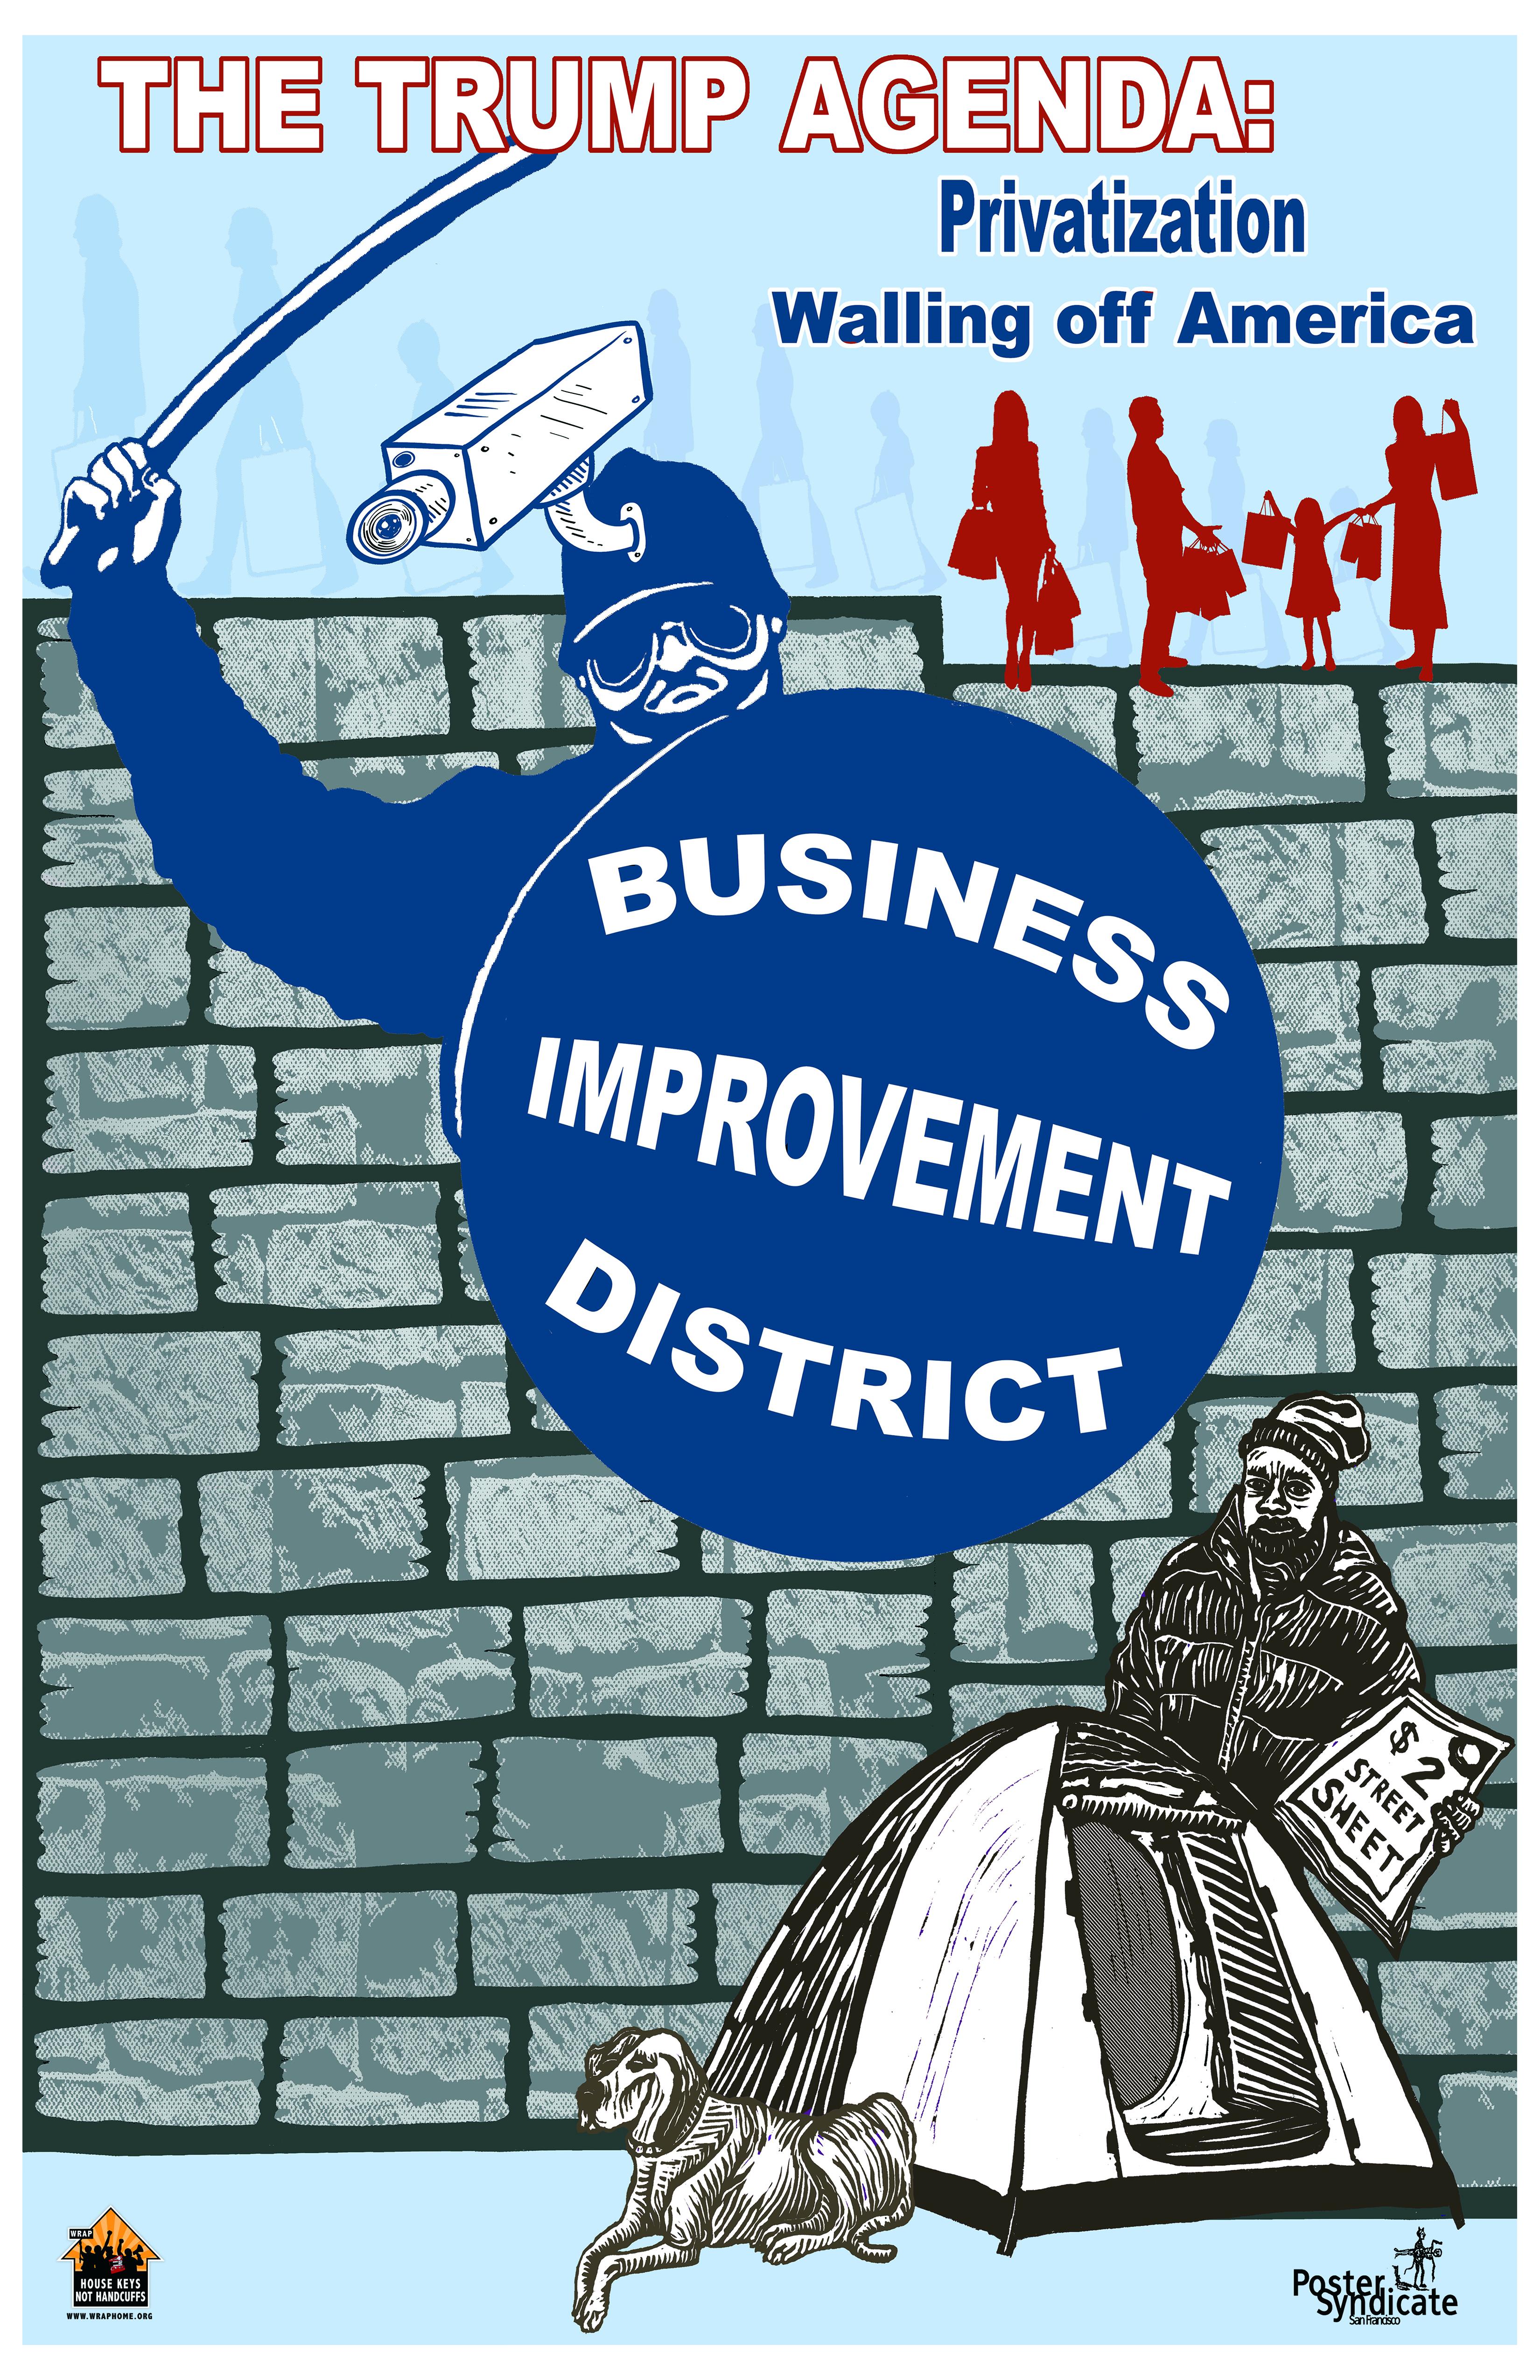 BID-Wall-Poster-11-17